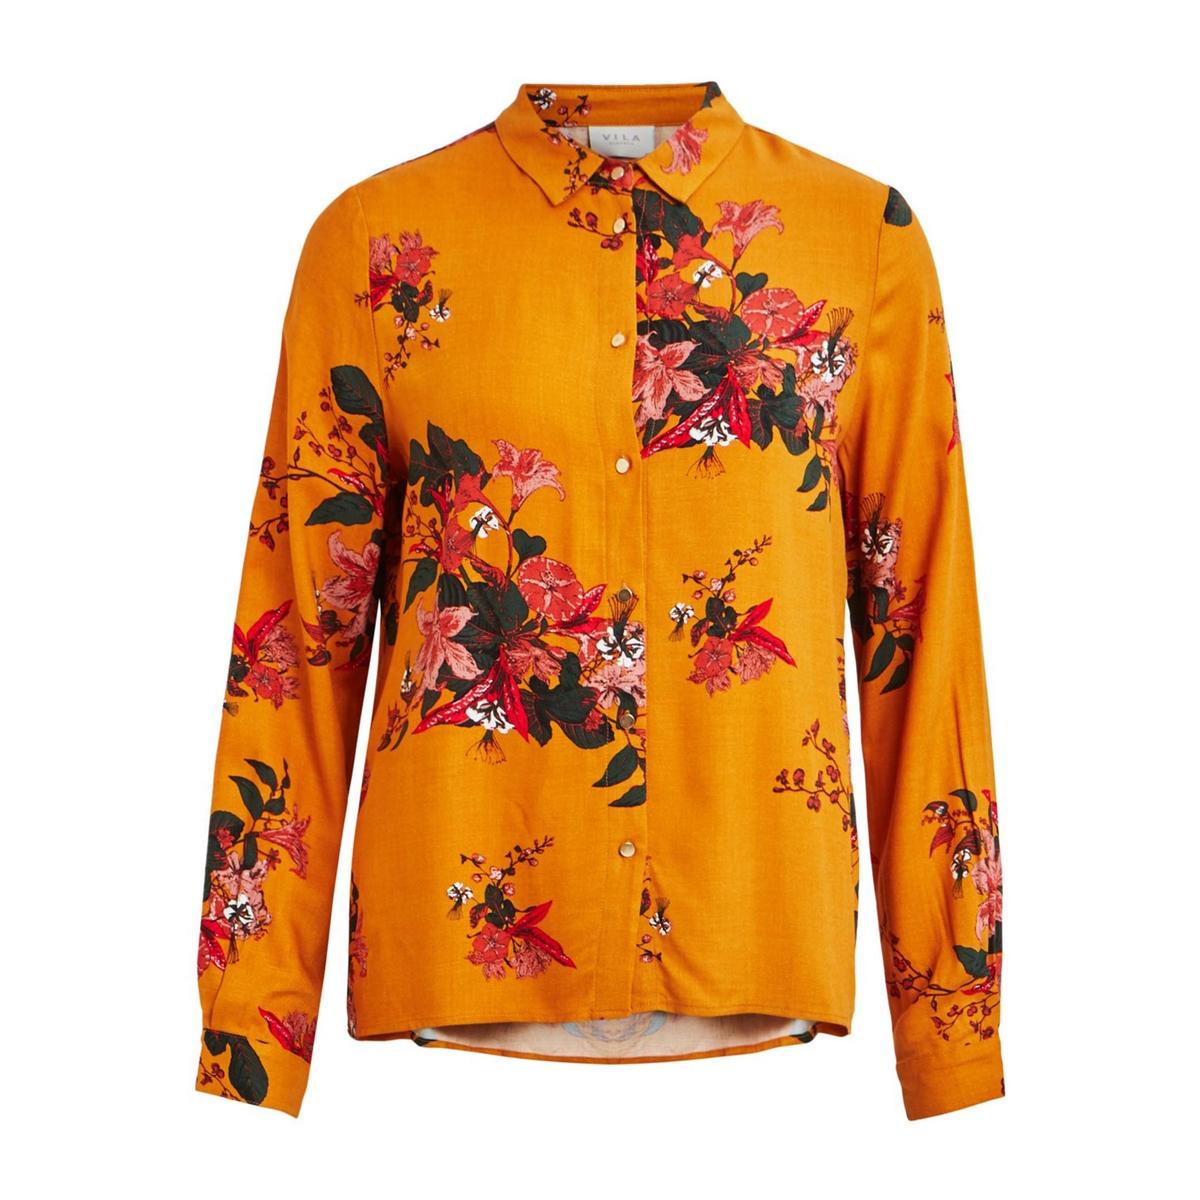 Camisa às flores, mangas compridas